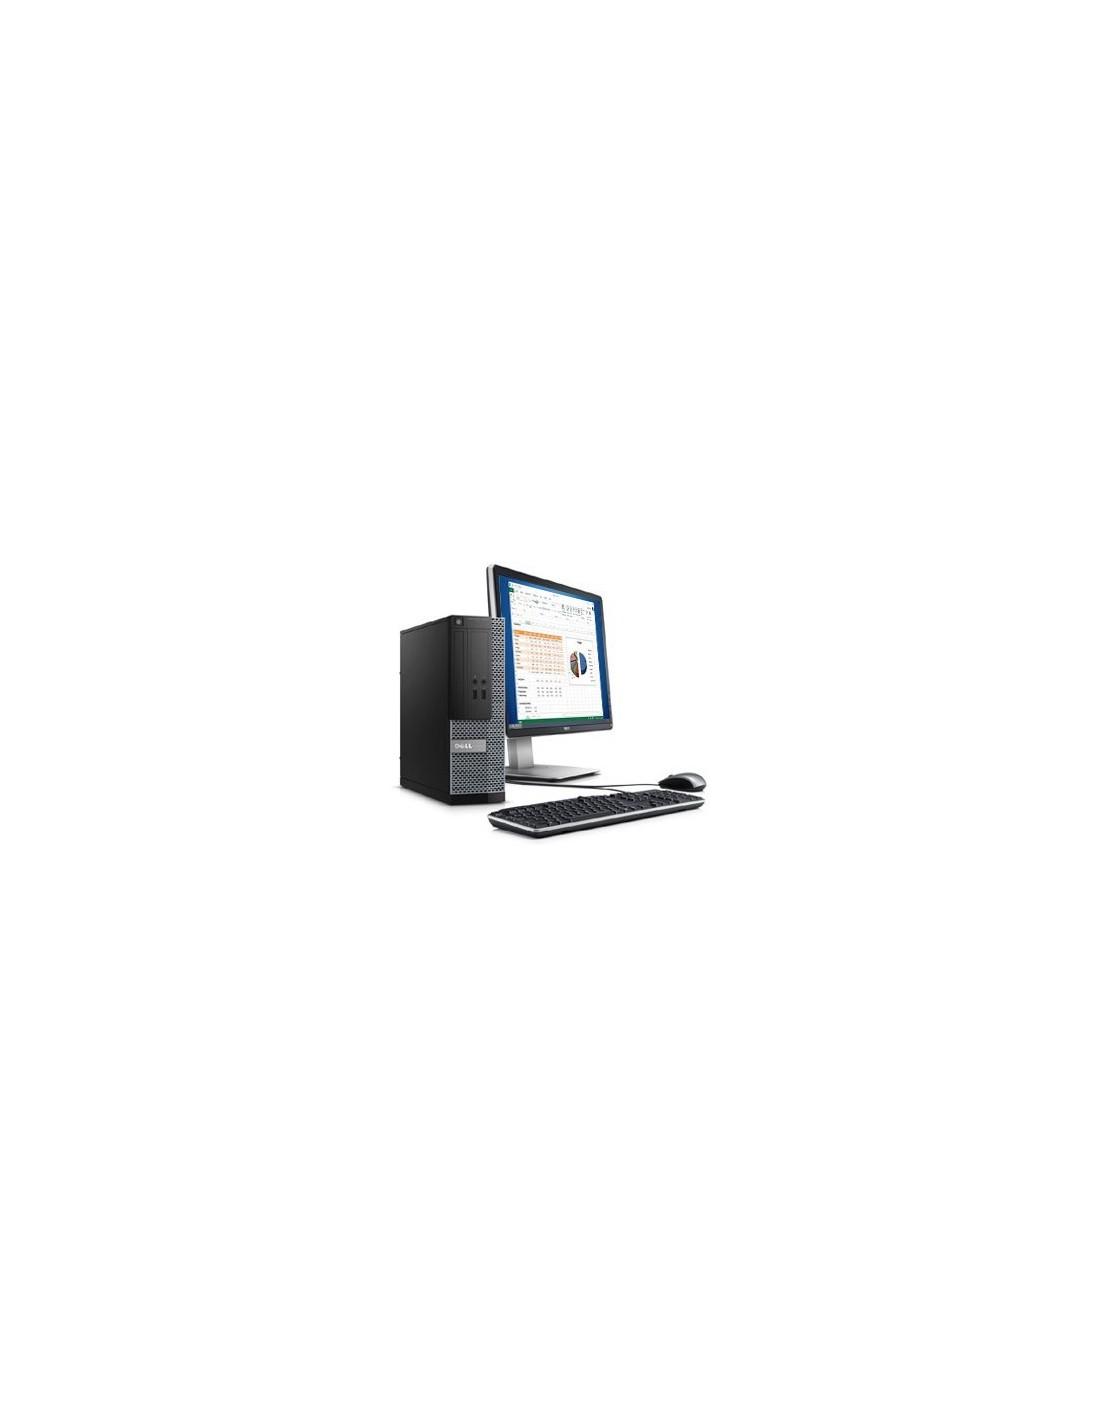 ordinateur de bureau dell optiplex 3020 dt ecran dell 20. Black Bedroom Furniture Sets. Home Design Ideas